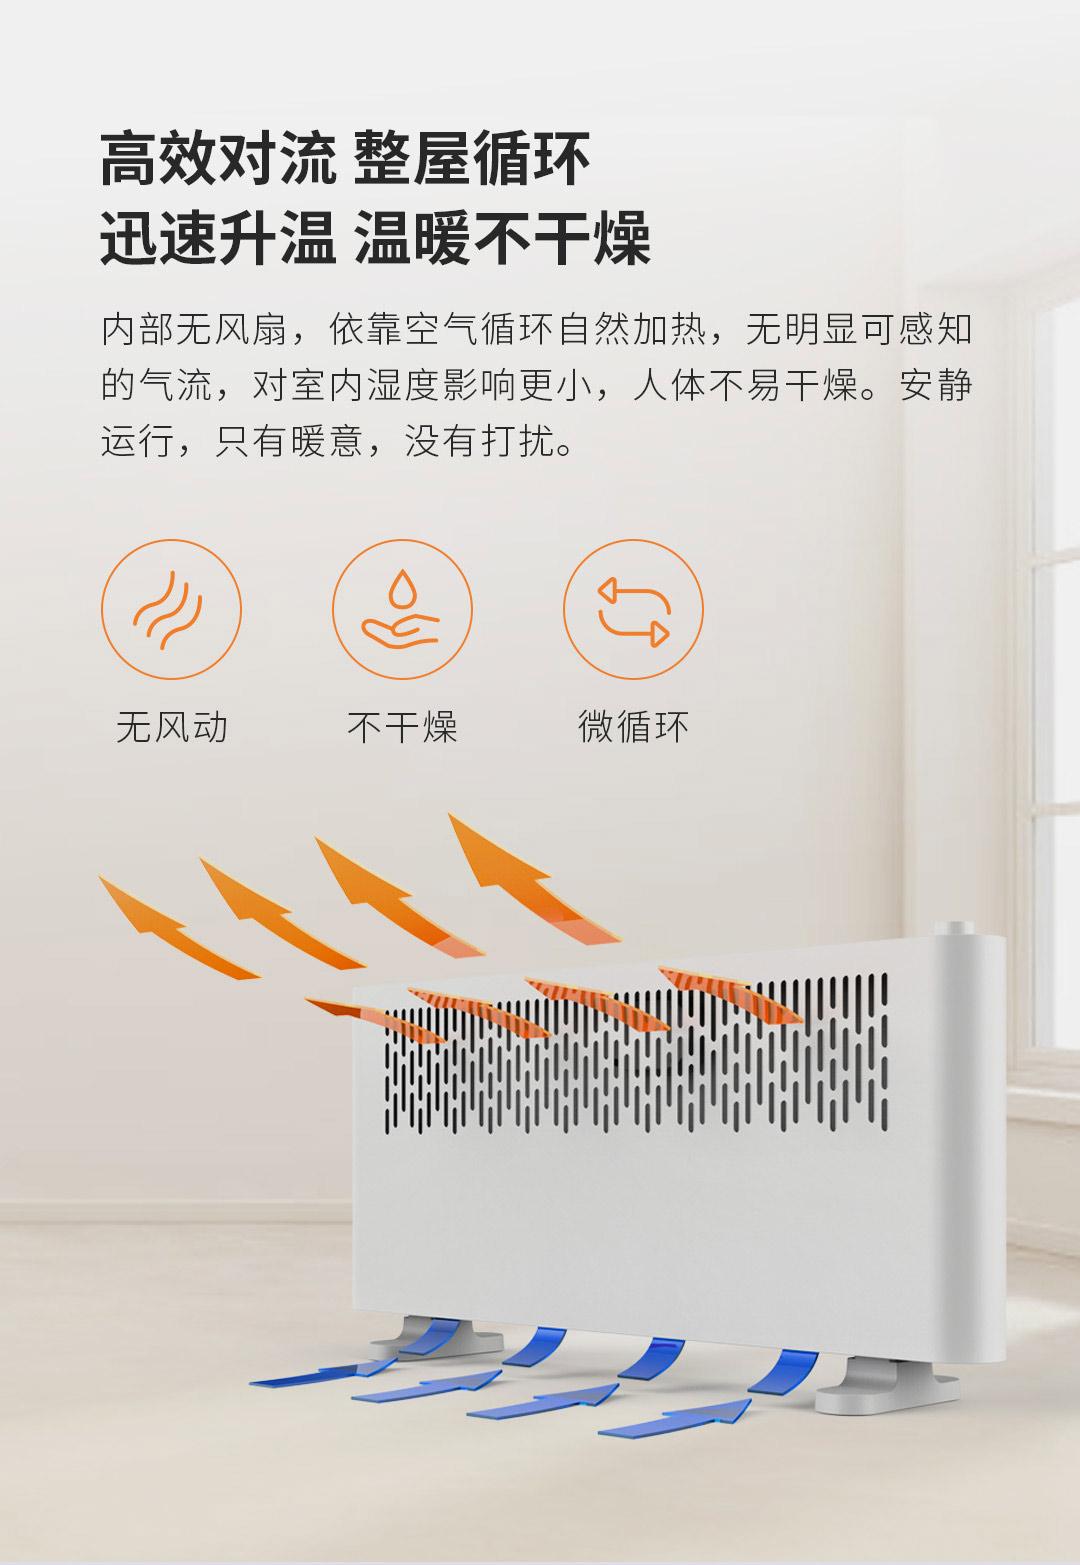 Xiaomi выпускает дешёвый икачественный обогреватель